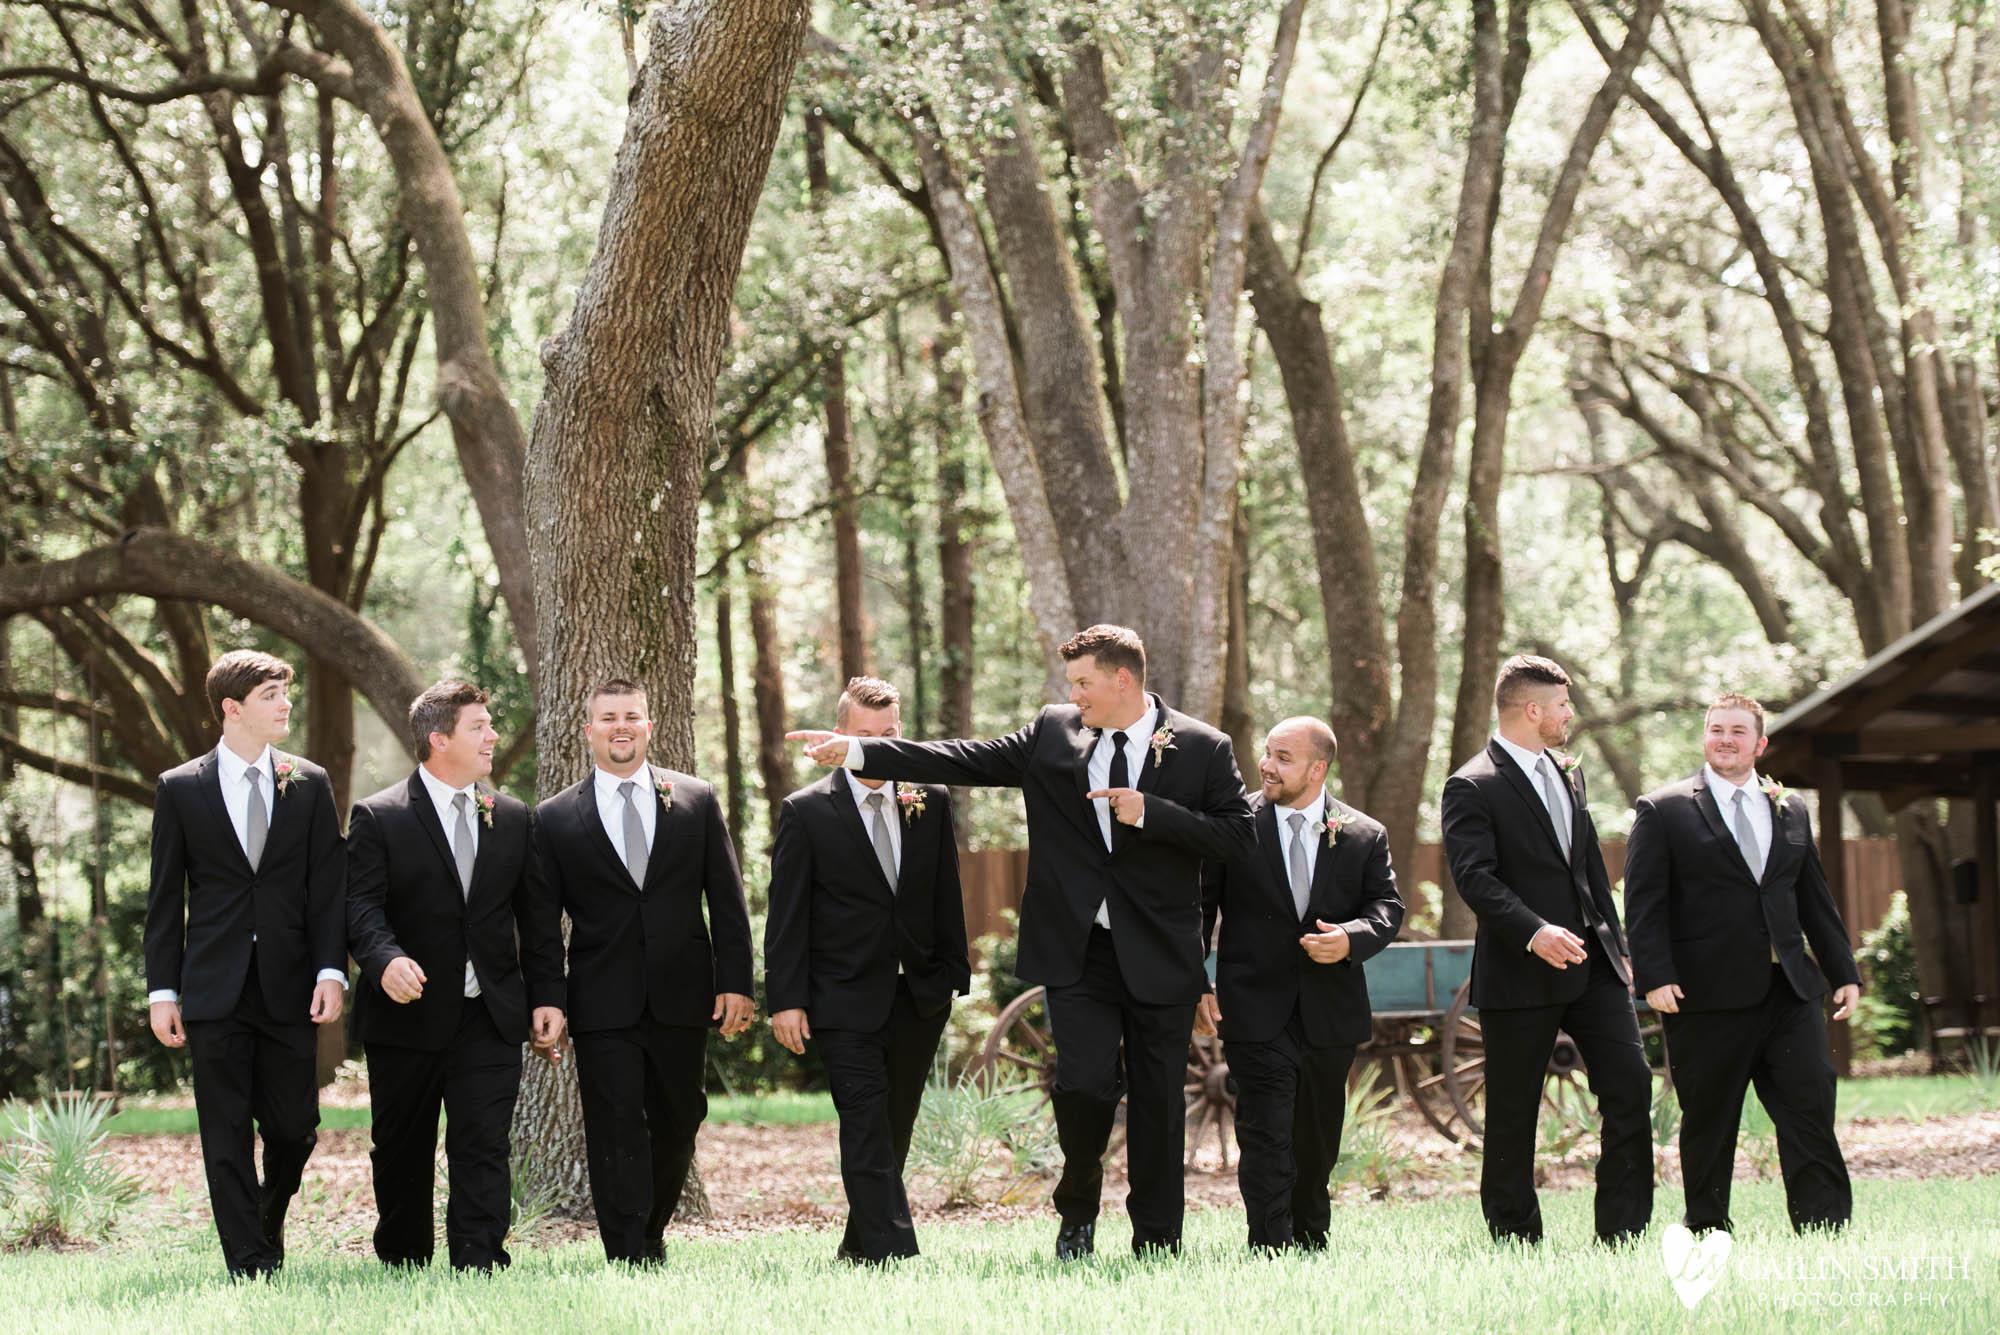 Bethany_Kyle_Bowing_Oaks_Plantation_Wedding_Photography_0058.jpg